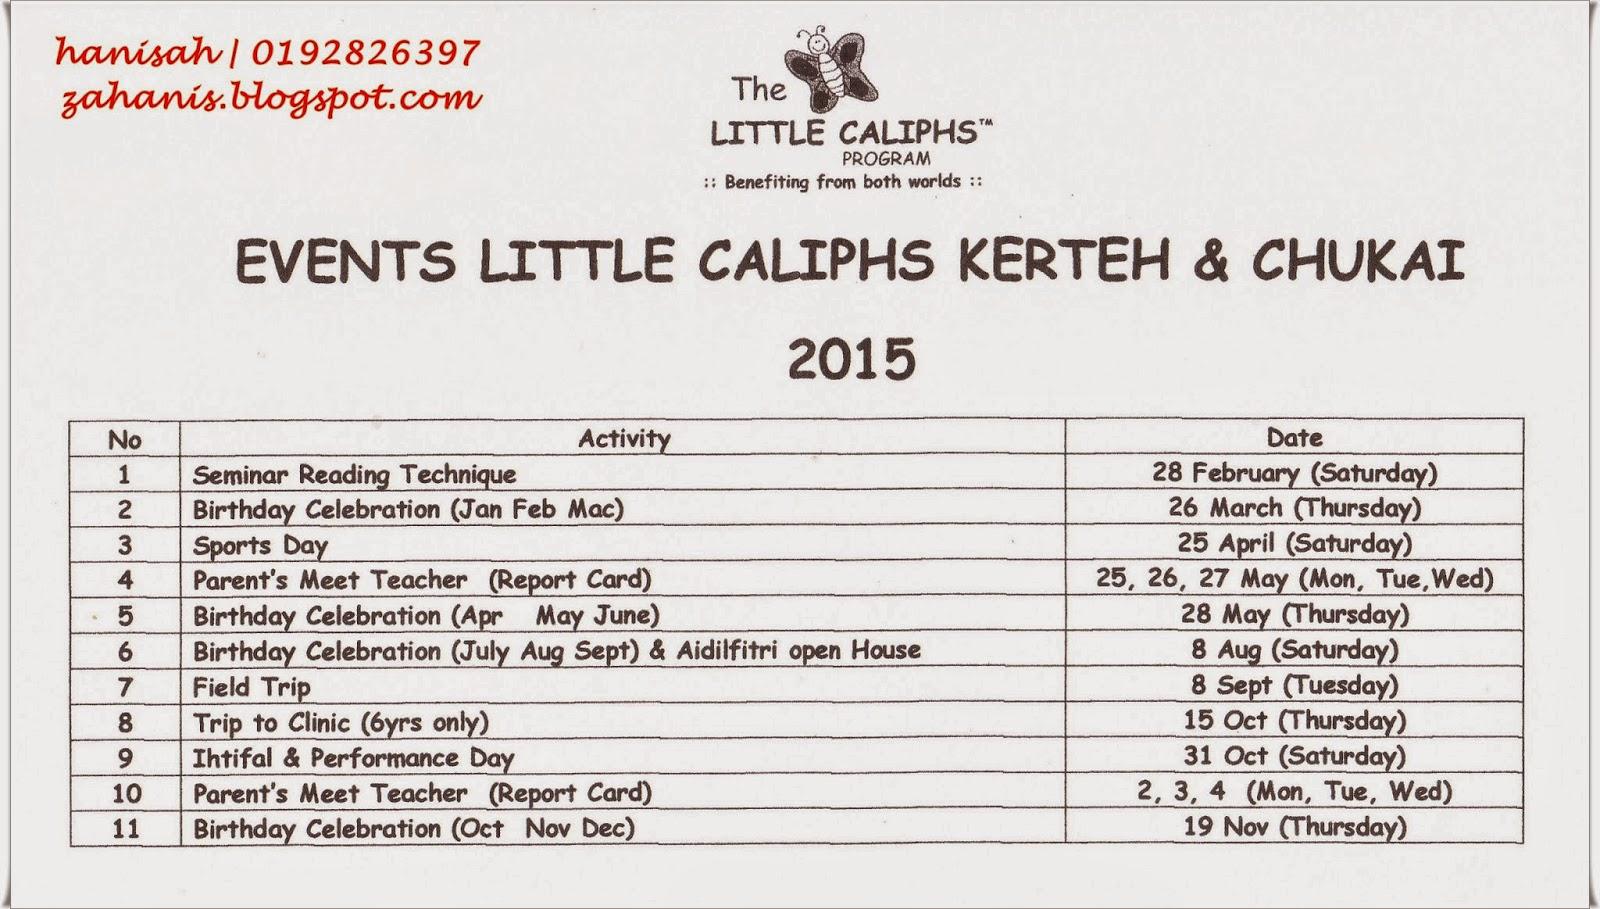 jadual tahunan aktiviti little caliph kerteh